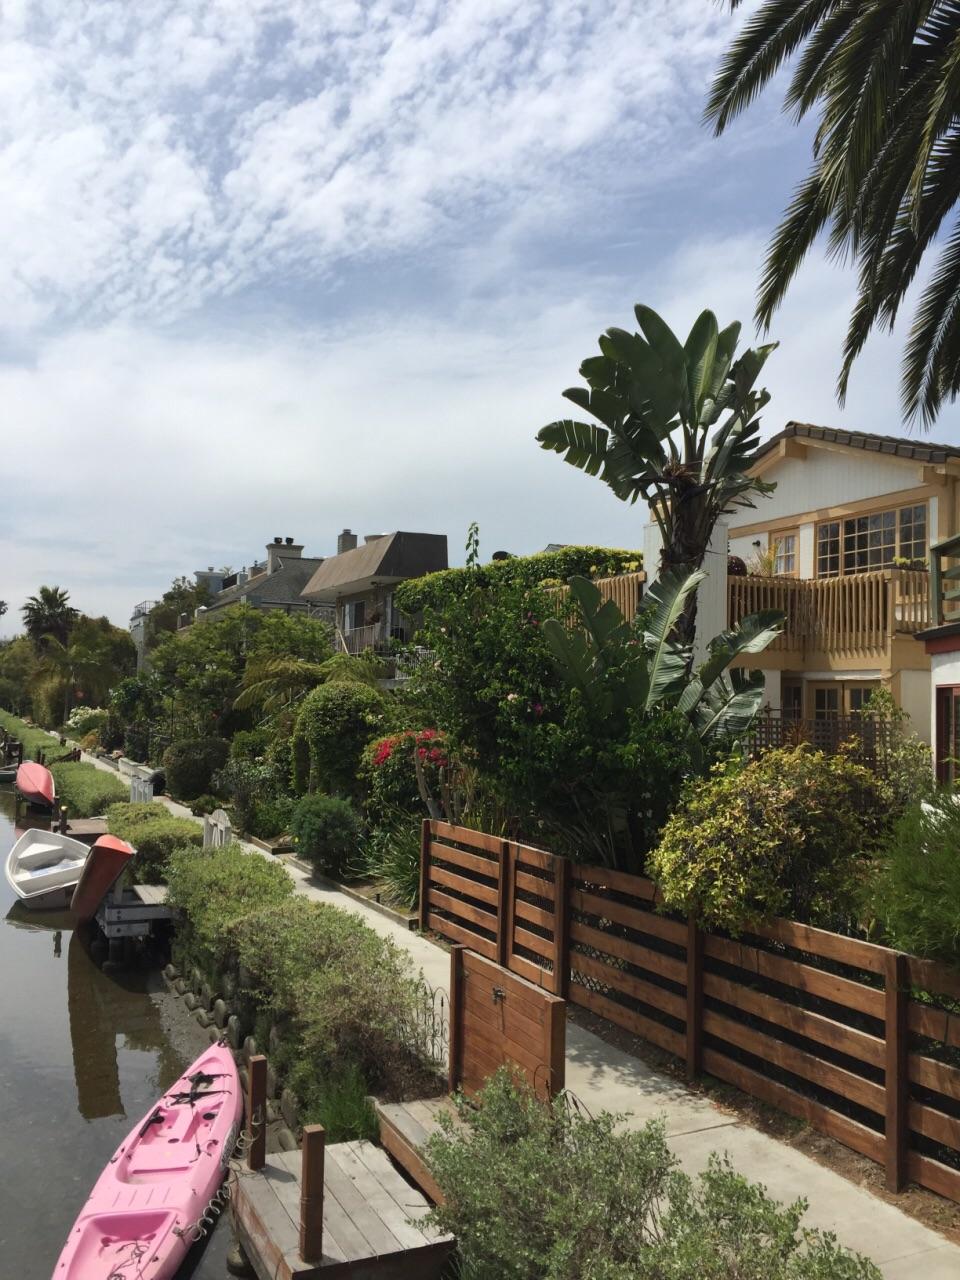 洛杉矶威尼斯河道